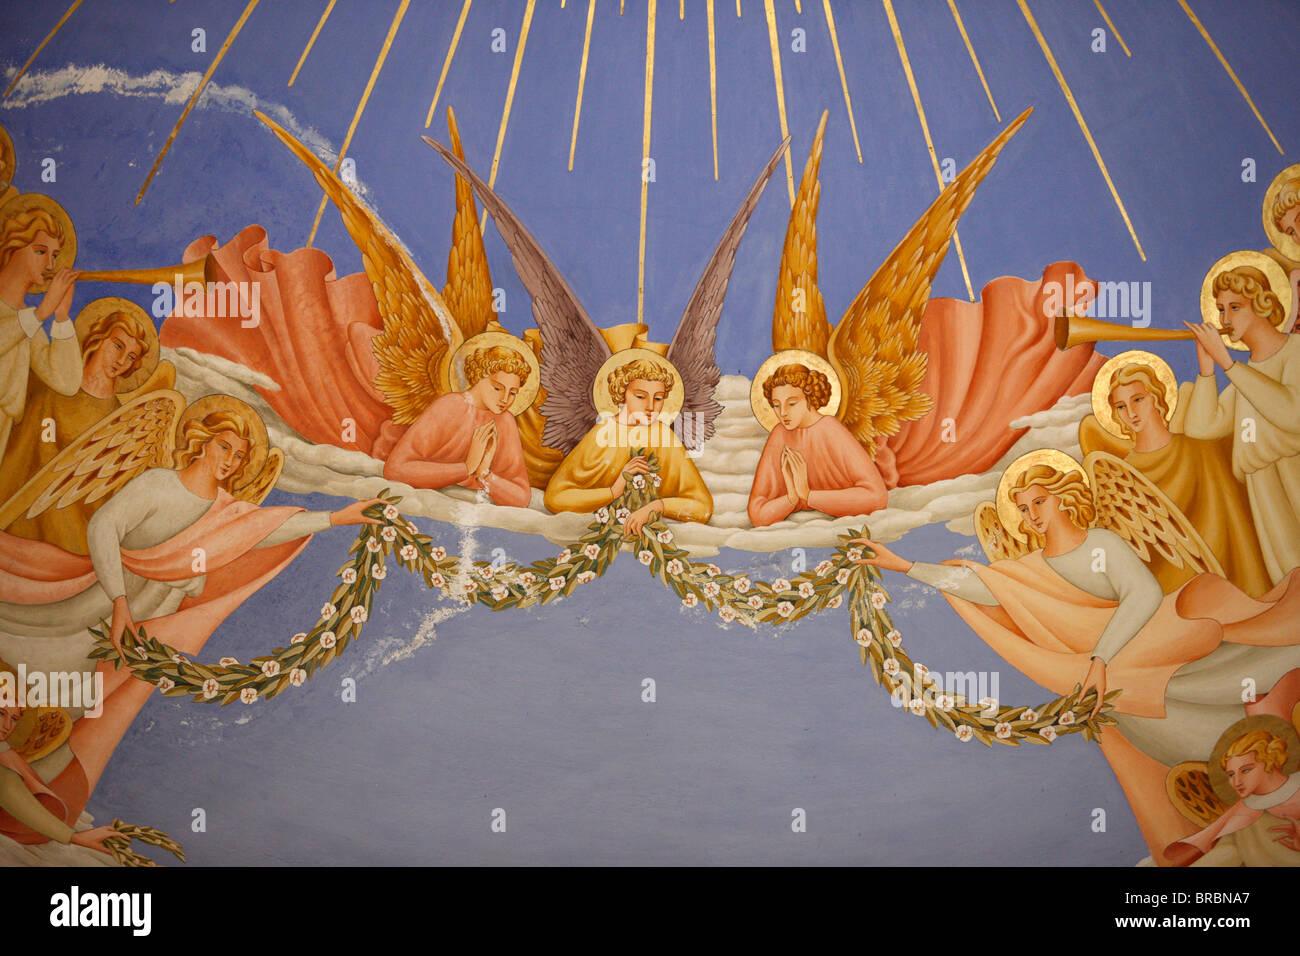 Détail des anges dans une fresque dans l'église De visite à Ein Kerem, Israël Photo Stock